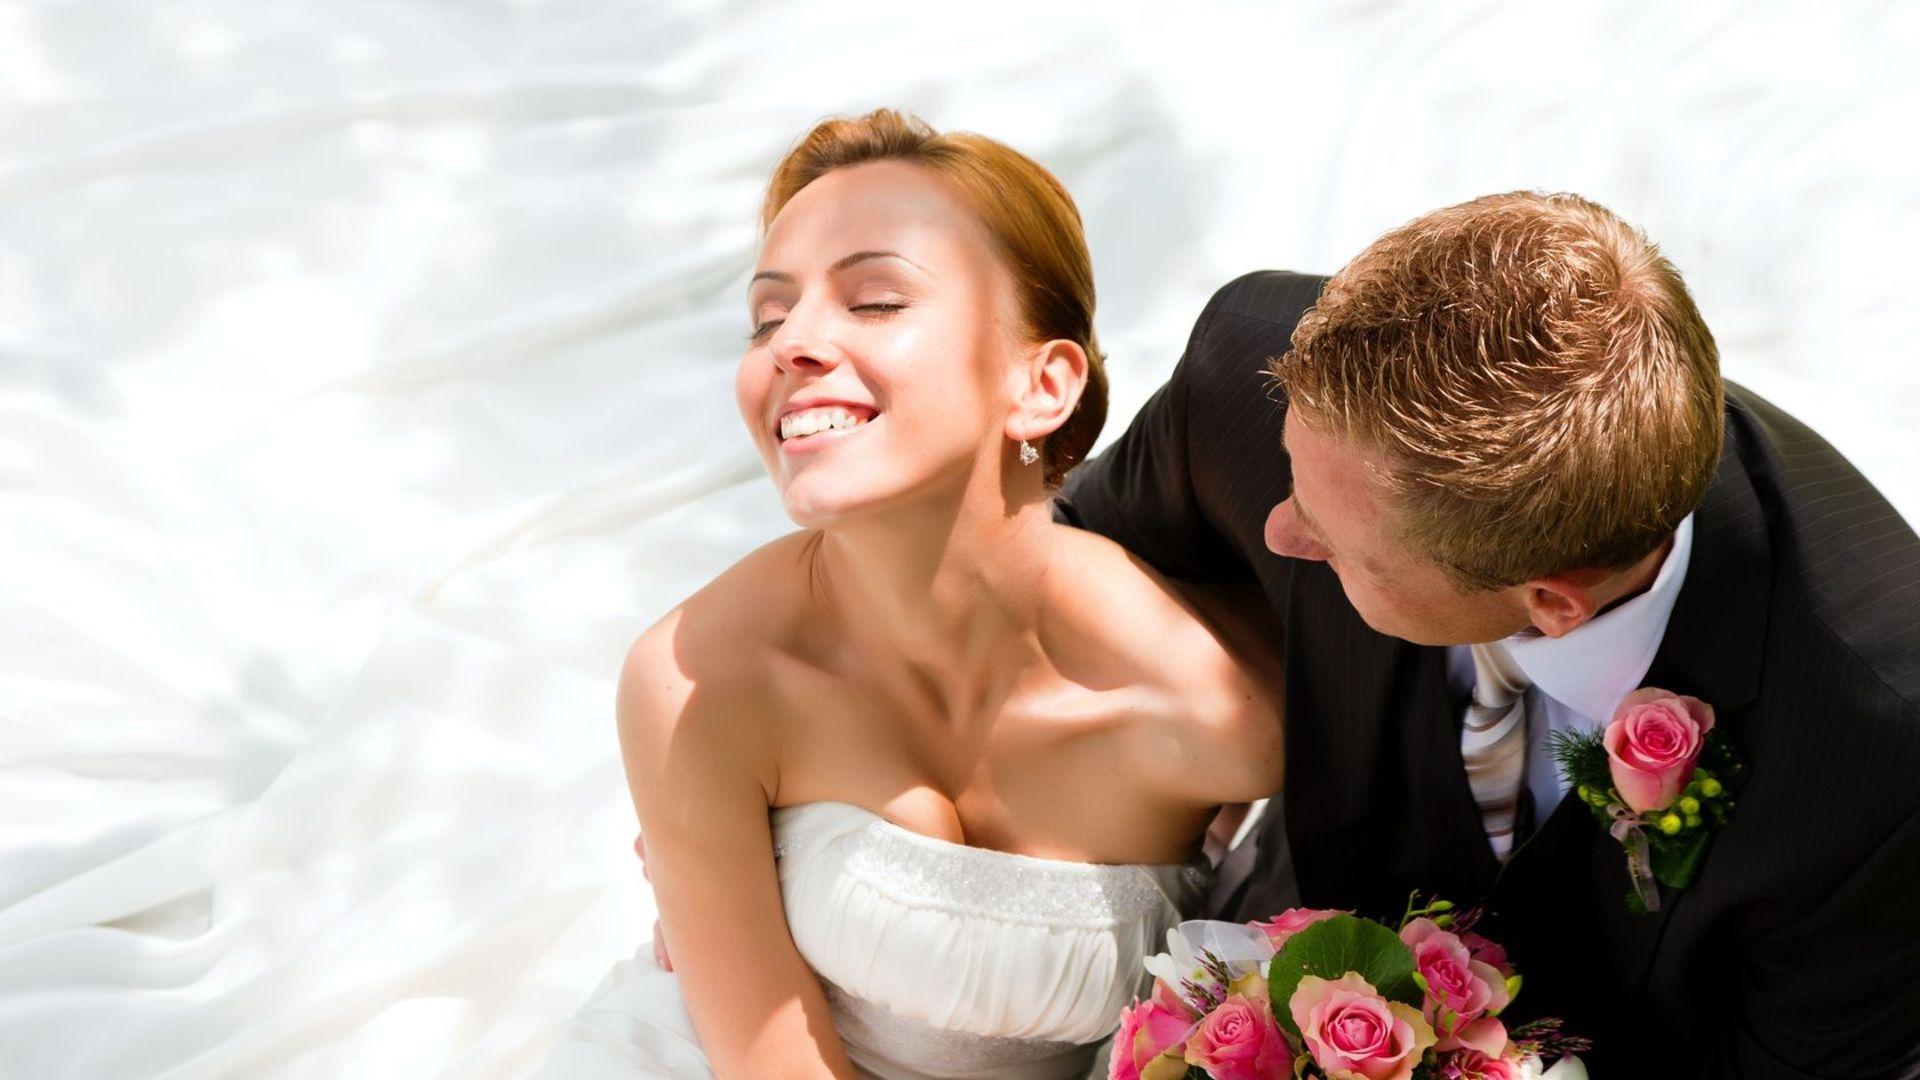 такое картинки посмеемся перед свадьбой как транспортабельность